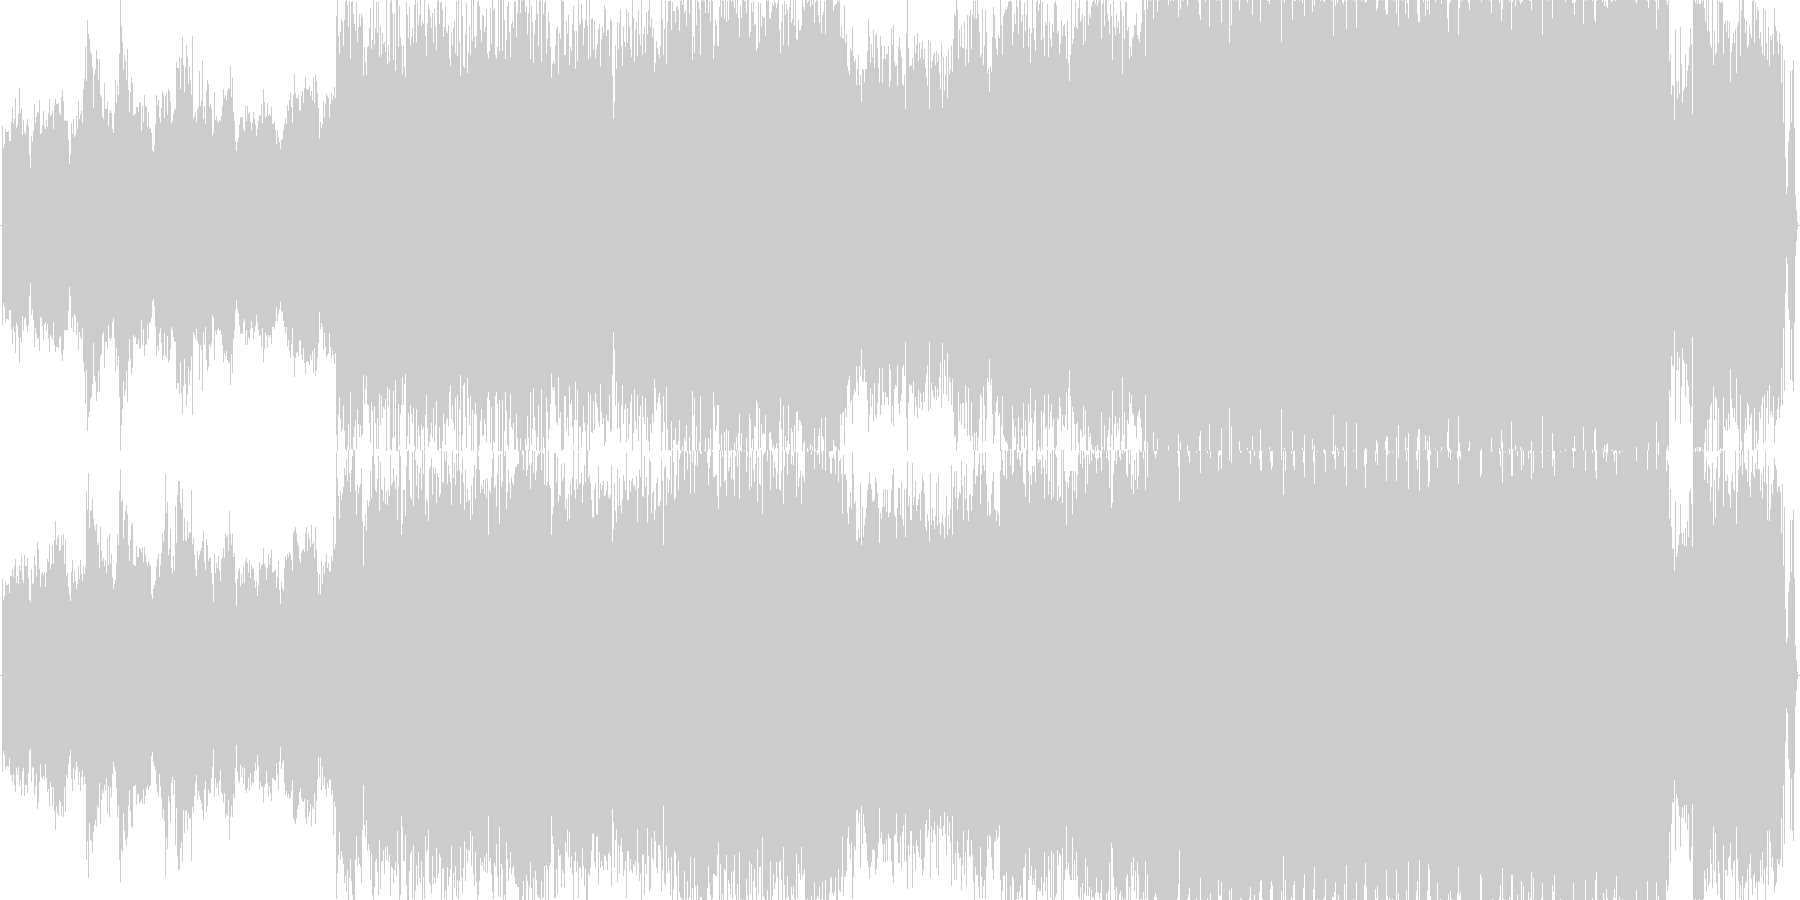 壮大でスリリングなBGMの未再生の波形